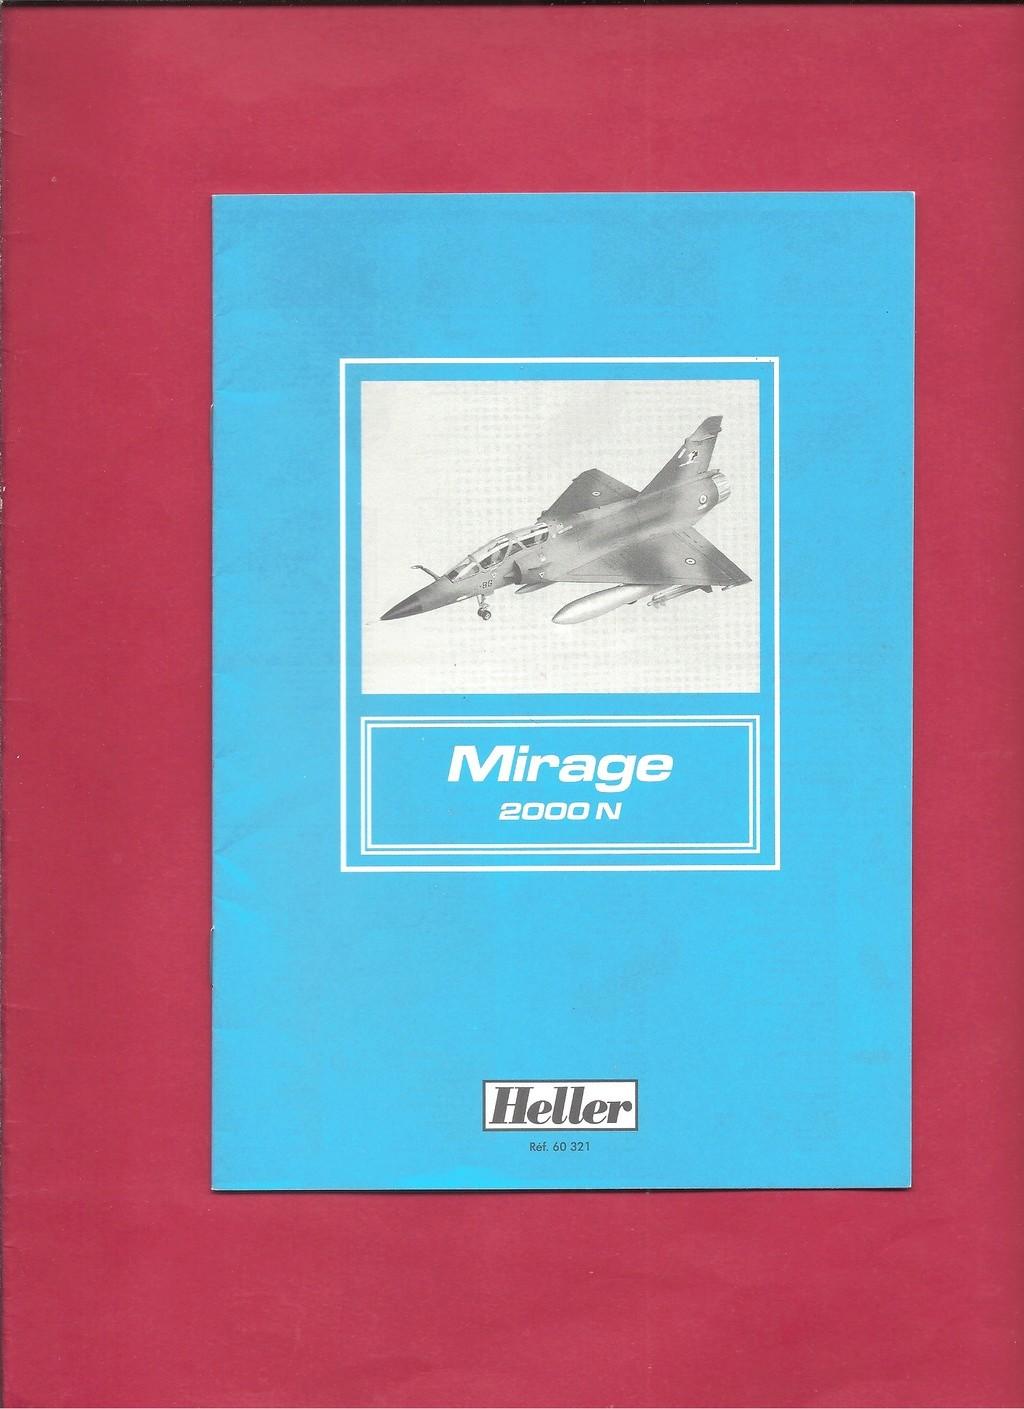 DASSAULT MIRAGE 2000 N 1/72ème Réf 60321 Notice Hell1044